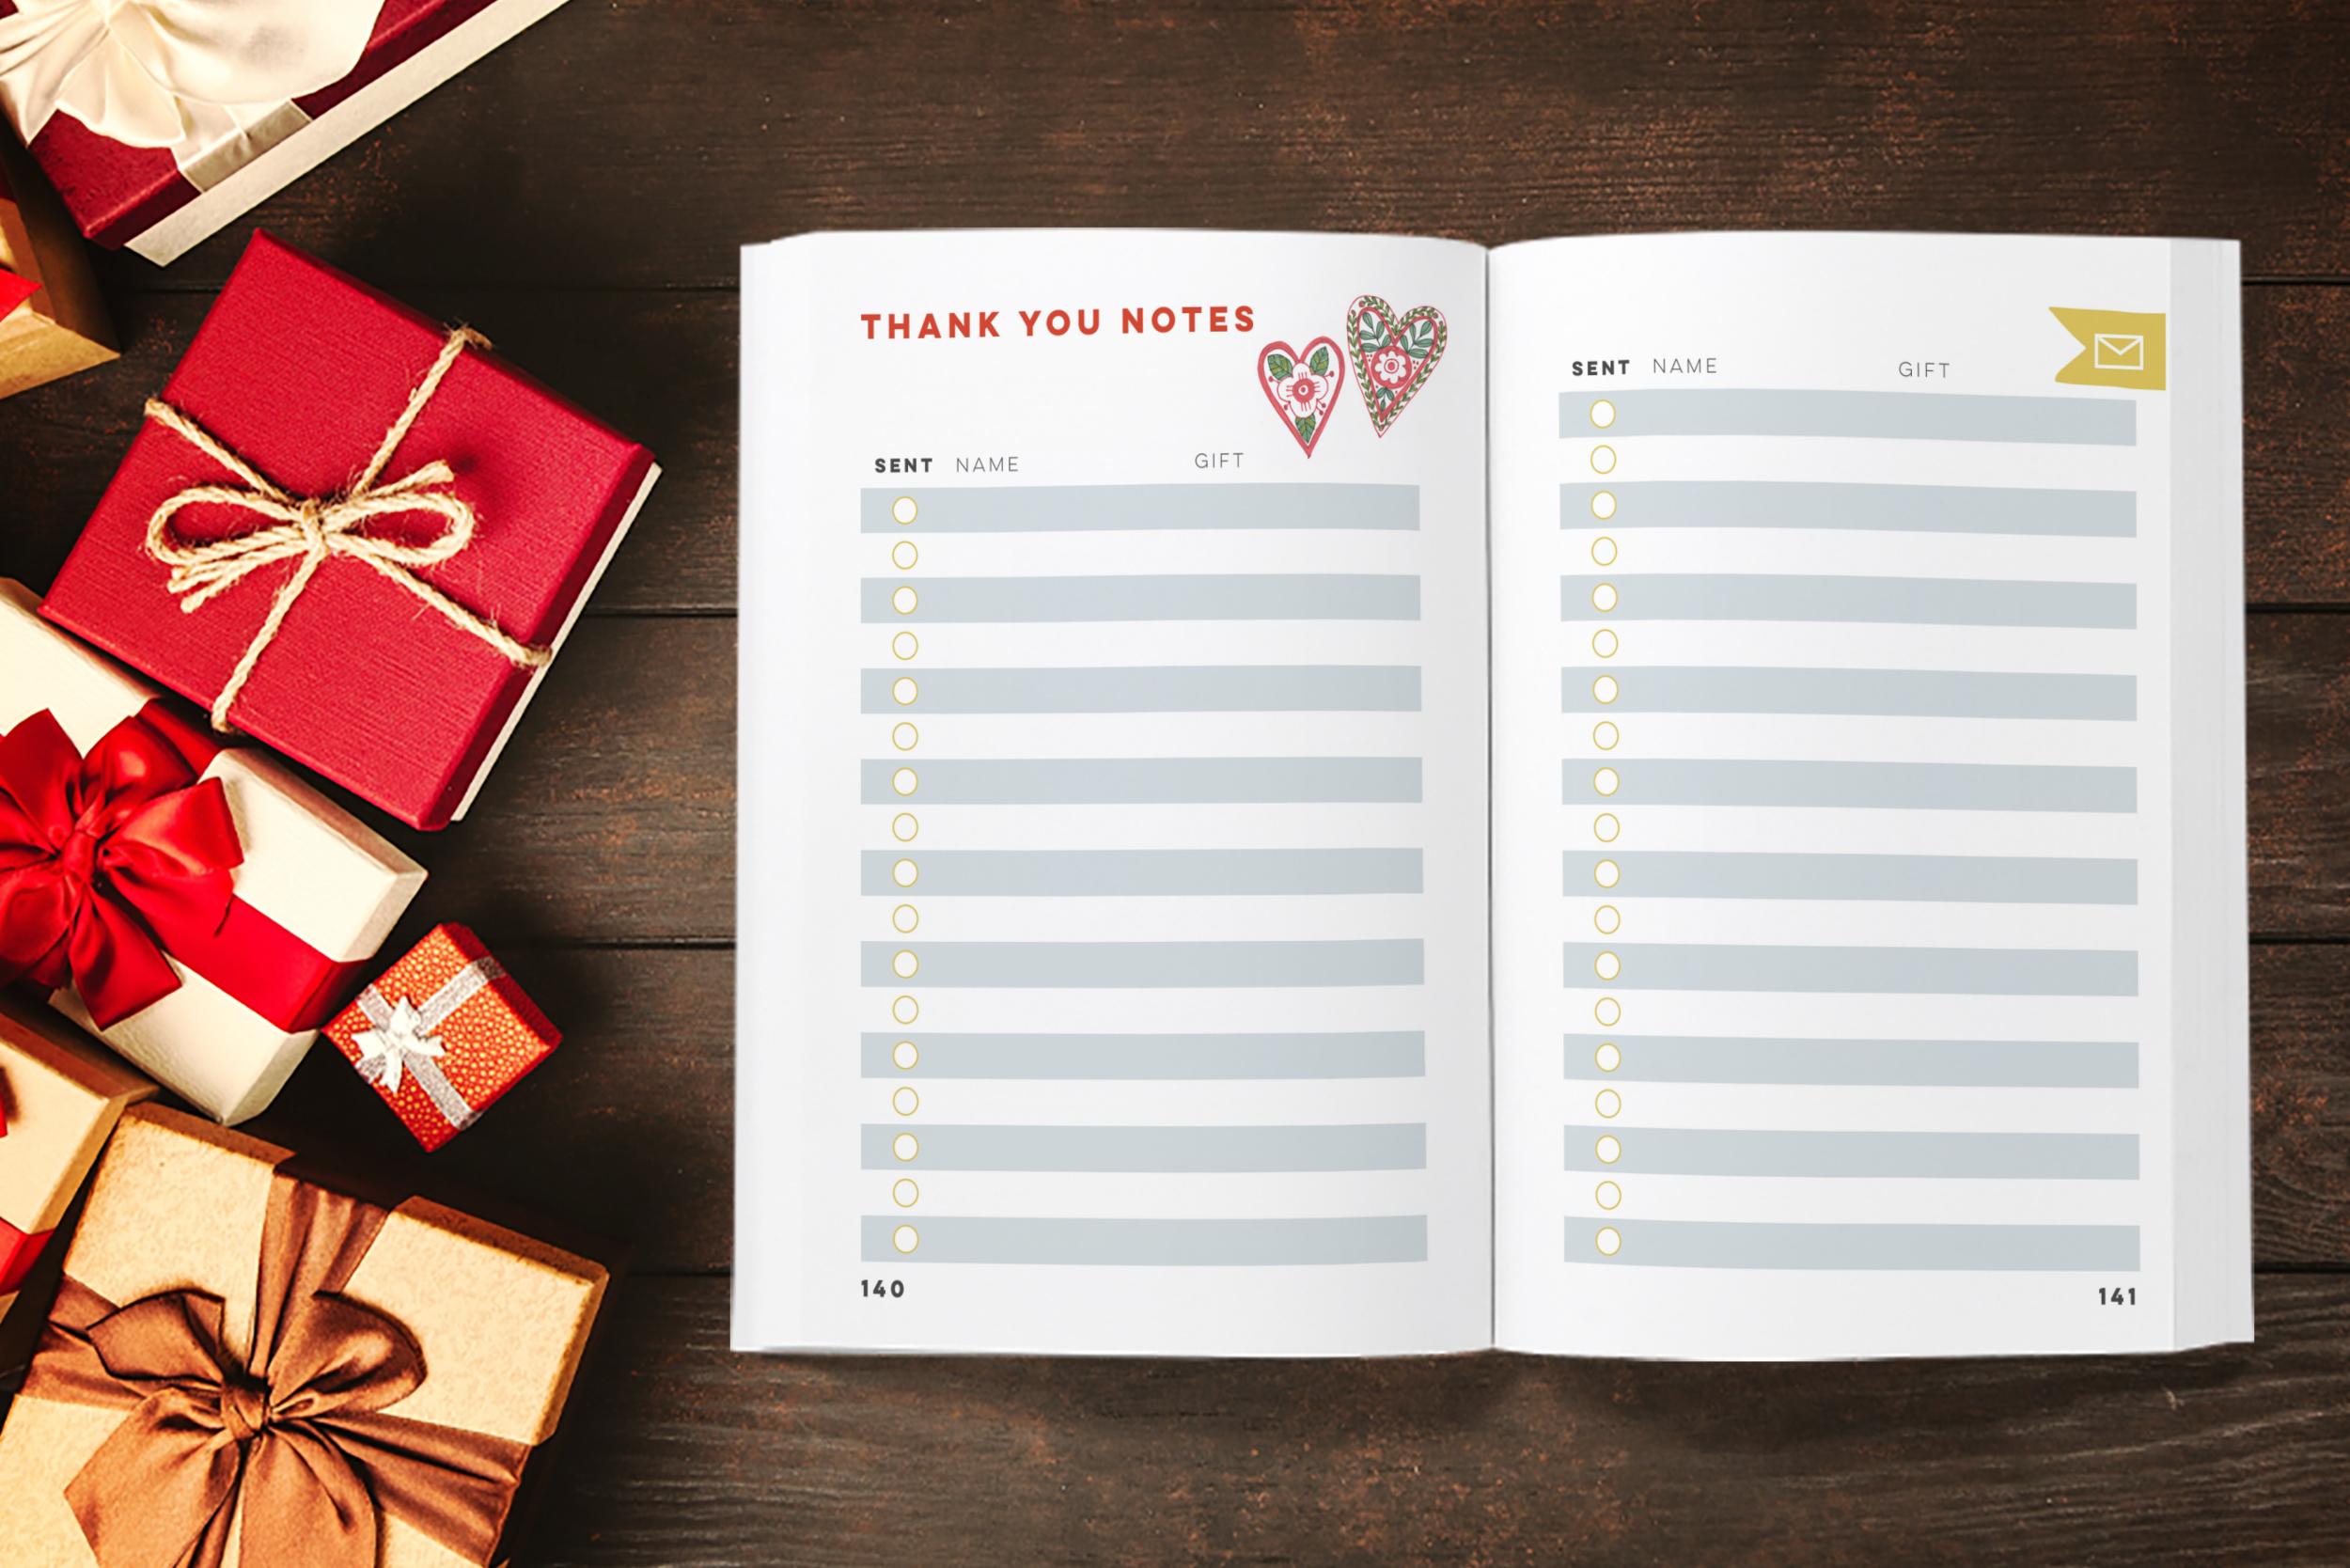 Nice List Book Mockup 2019_BIG_thankyou list.png